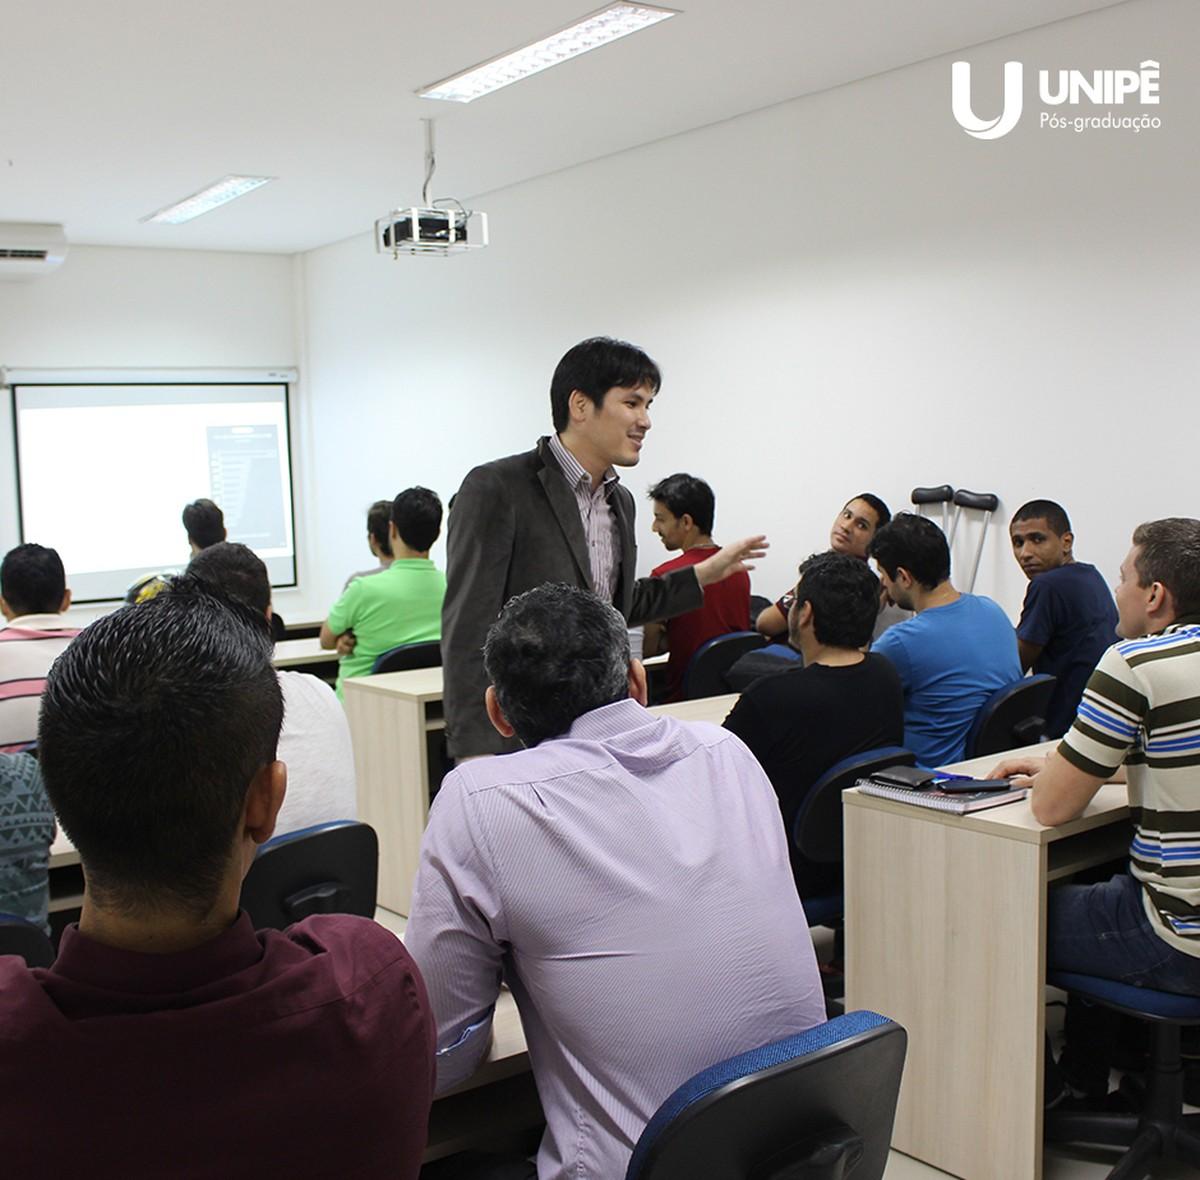 Faculdade abre seleção para professor de 12 cursos em João Pessoa, Paraíba